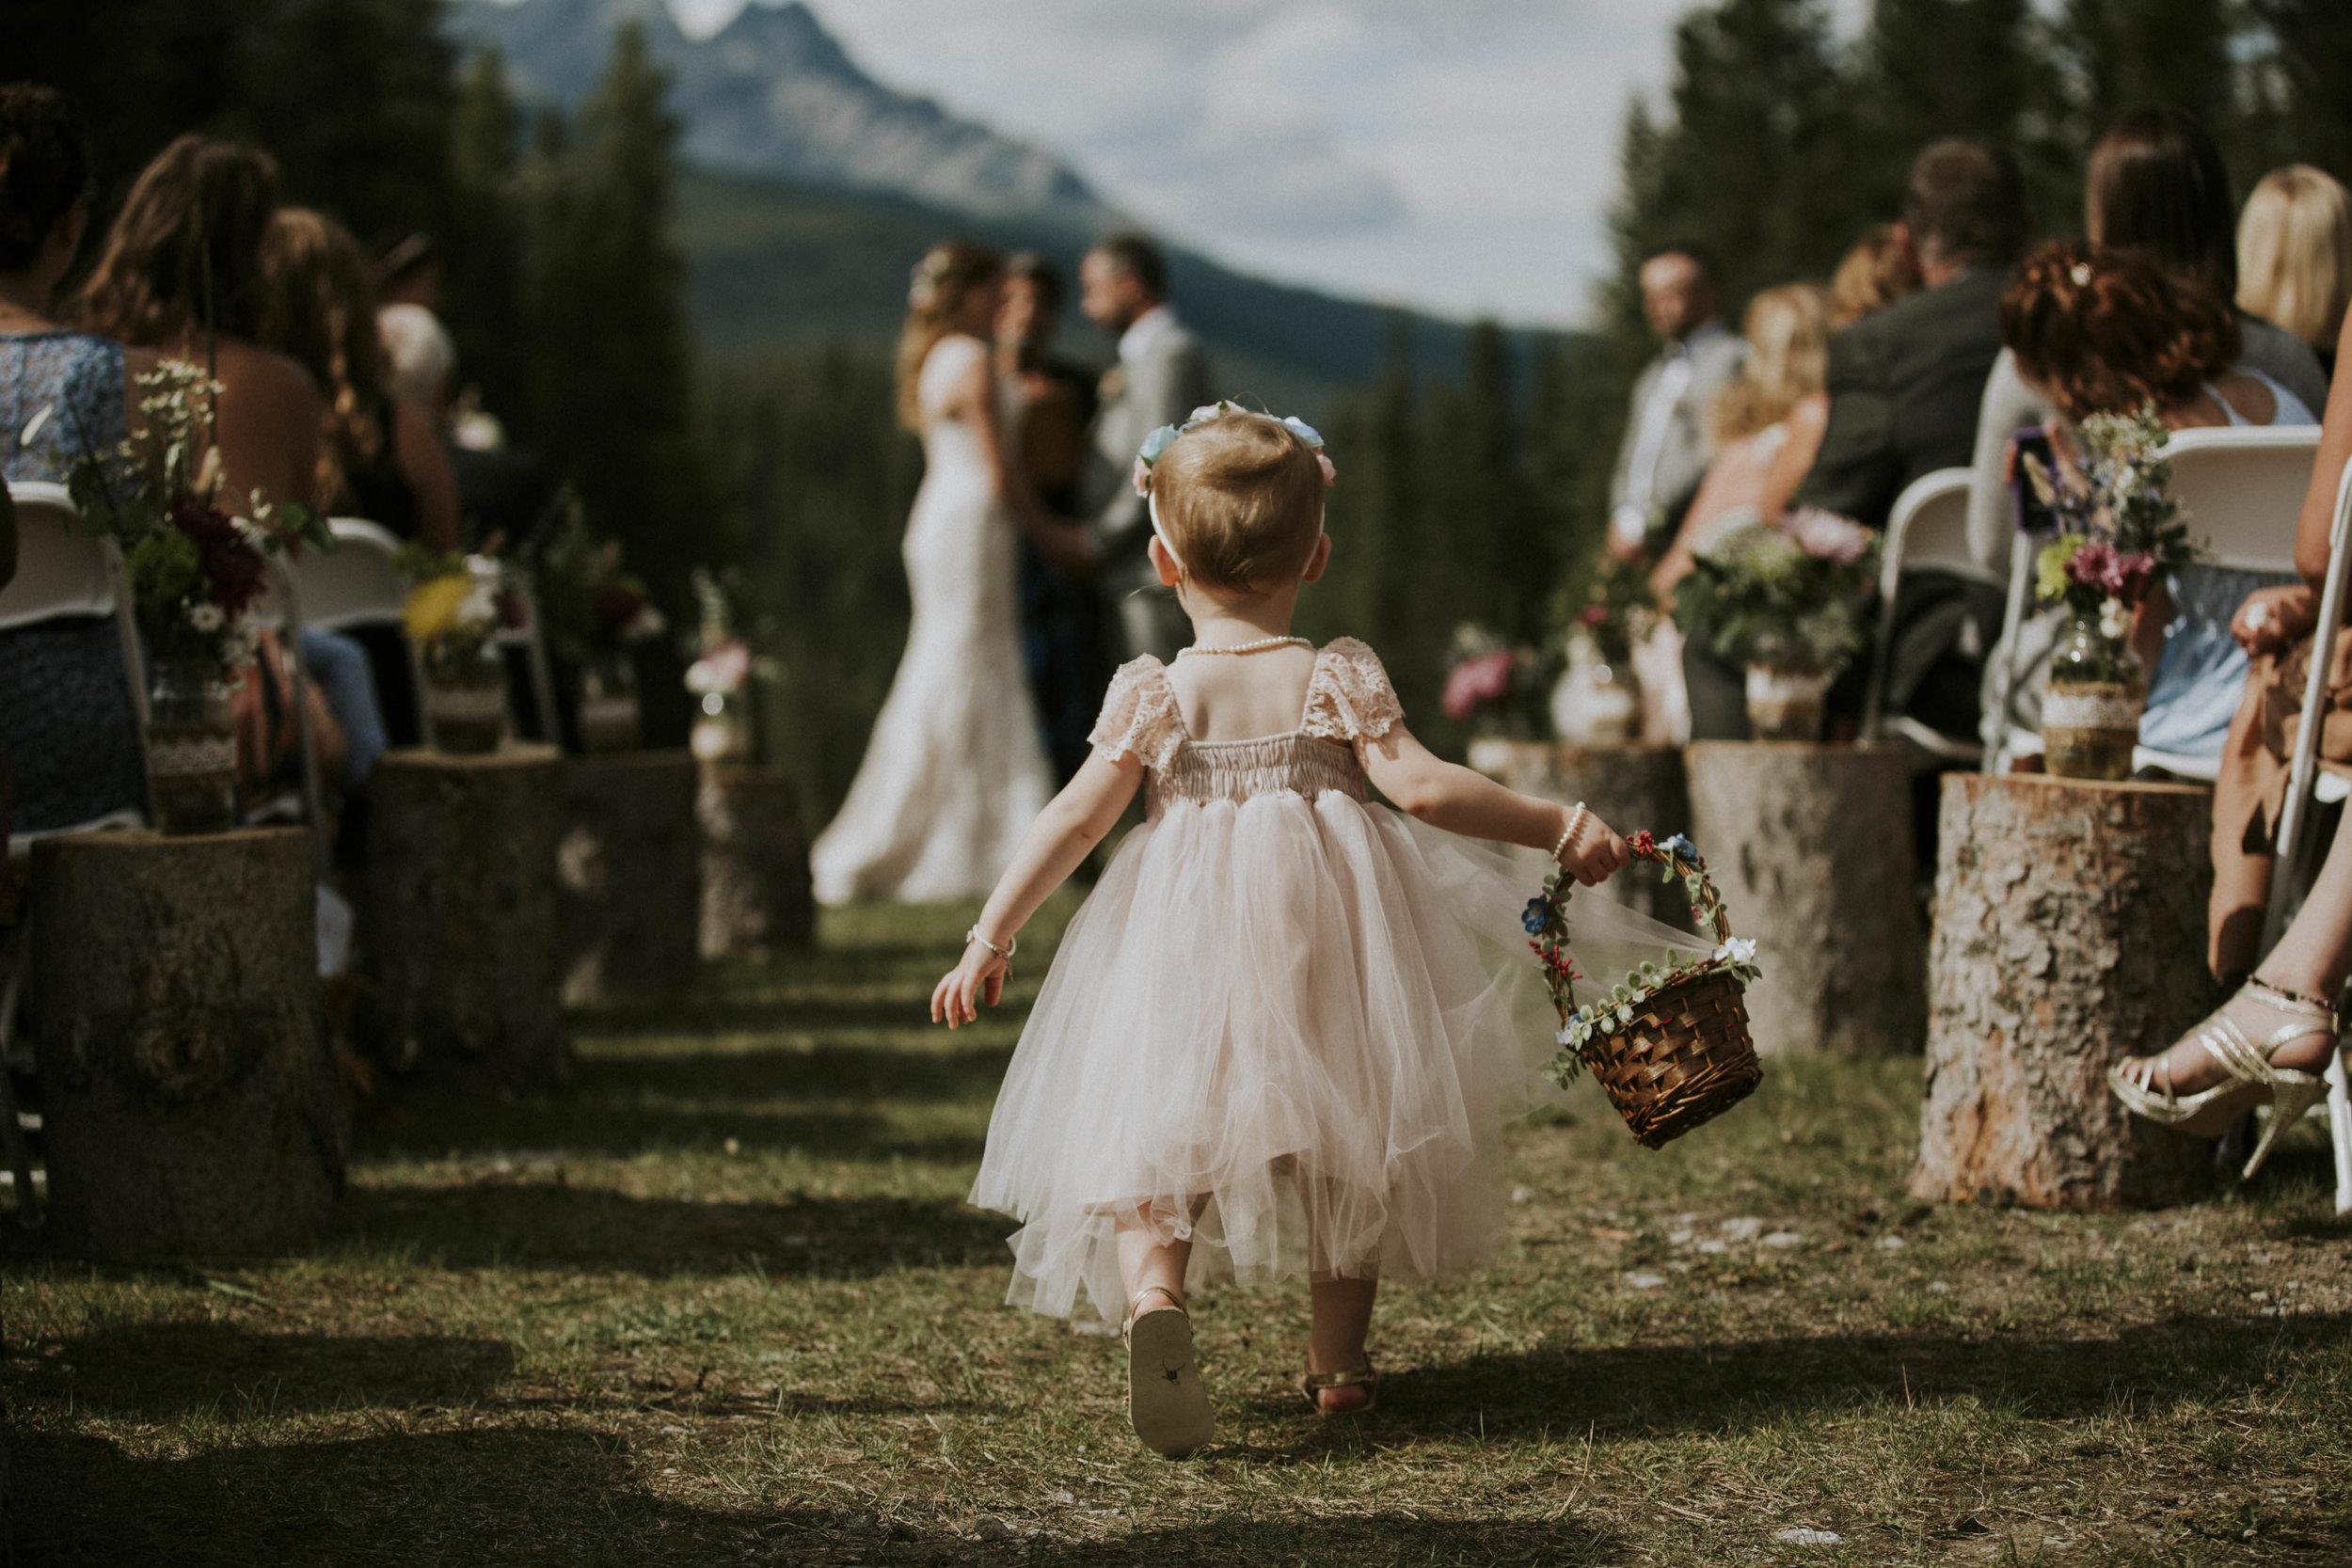 cute flower girl walks down isle mt norquay wedding banff